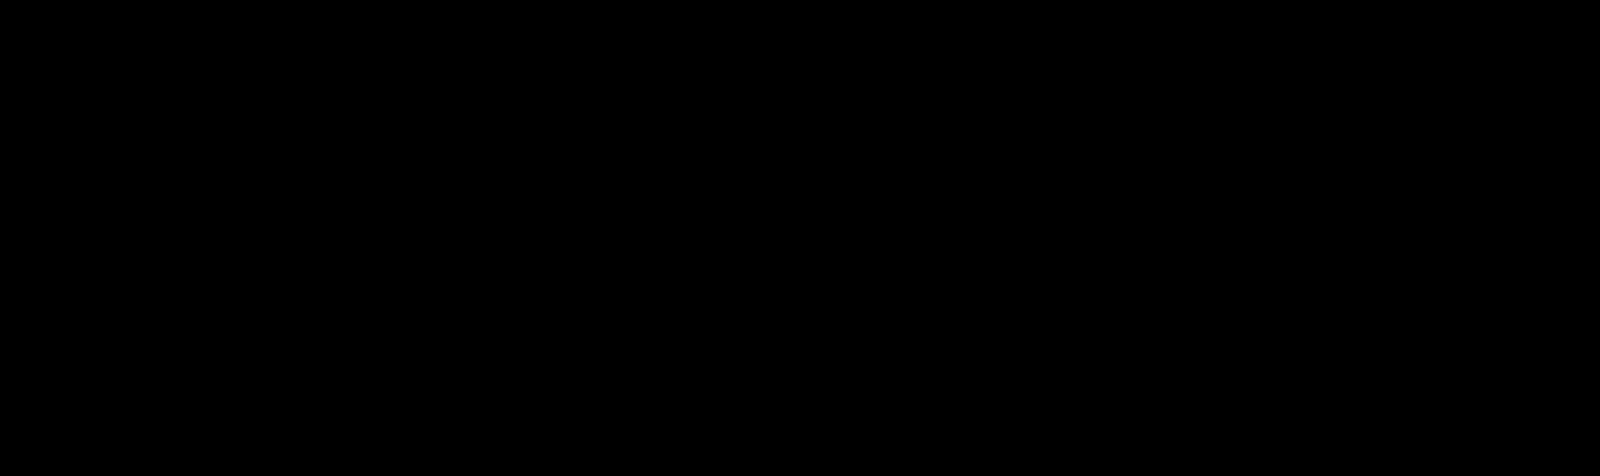 オーガニックコスメ AINNAのロゴ